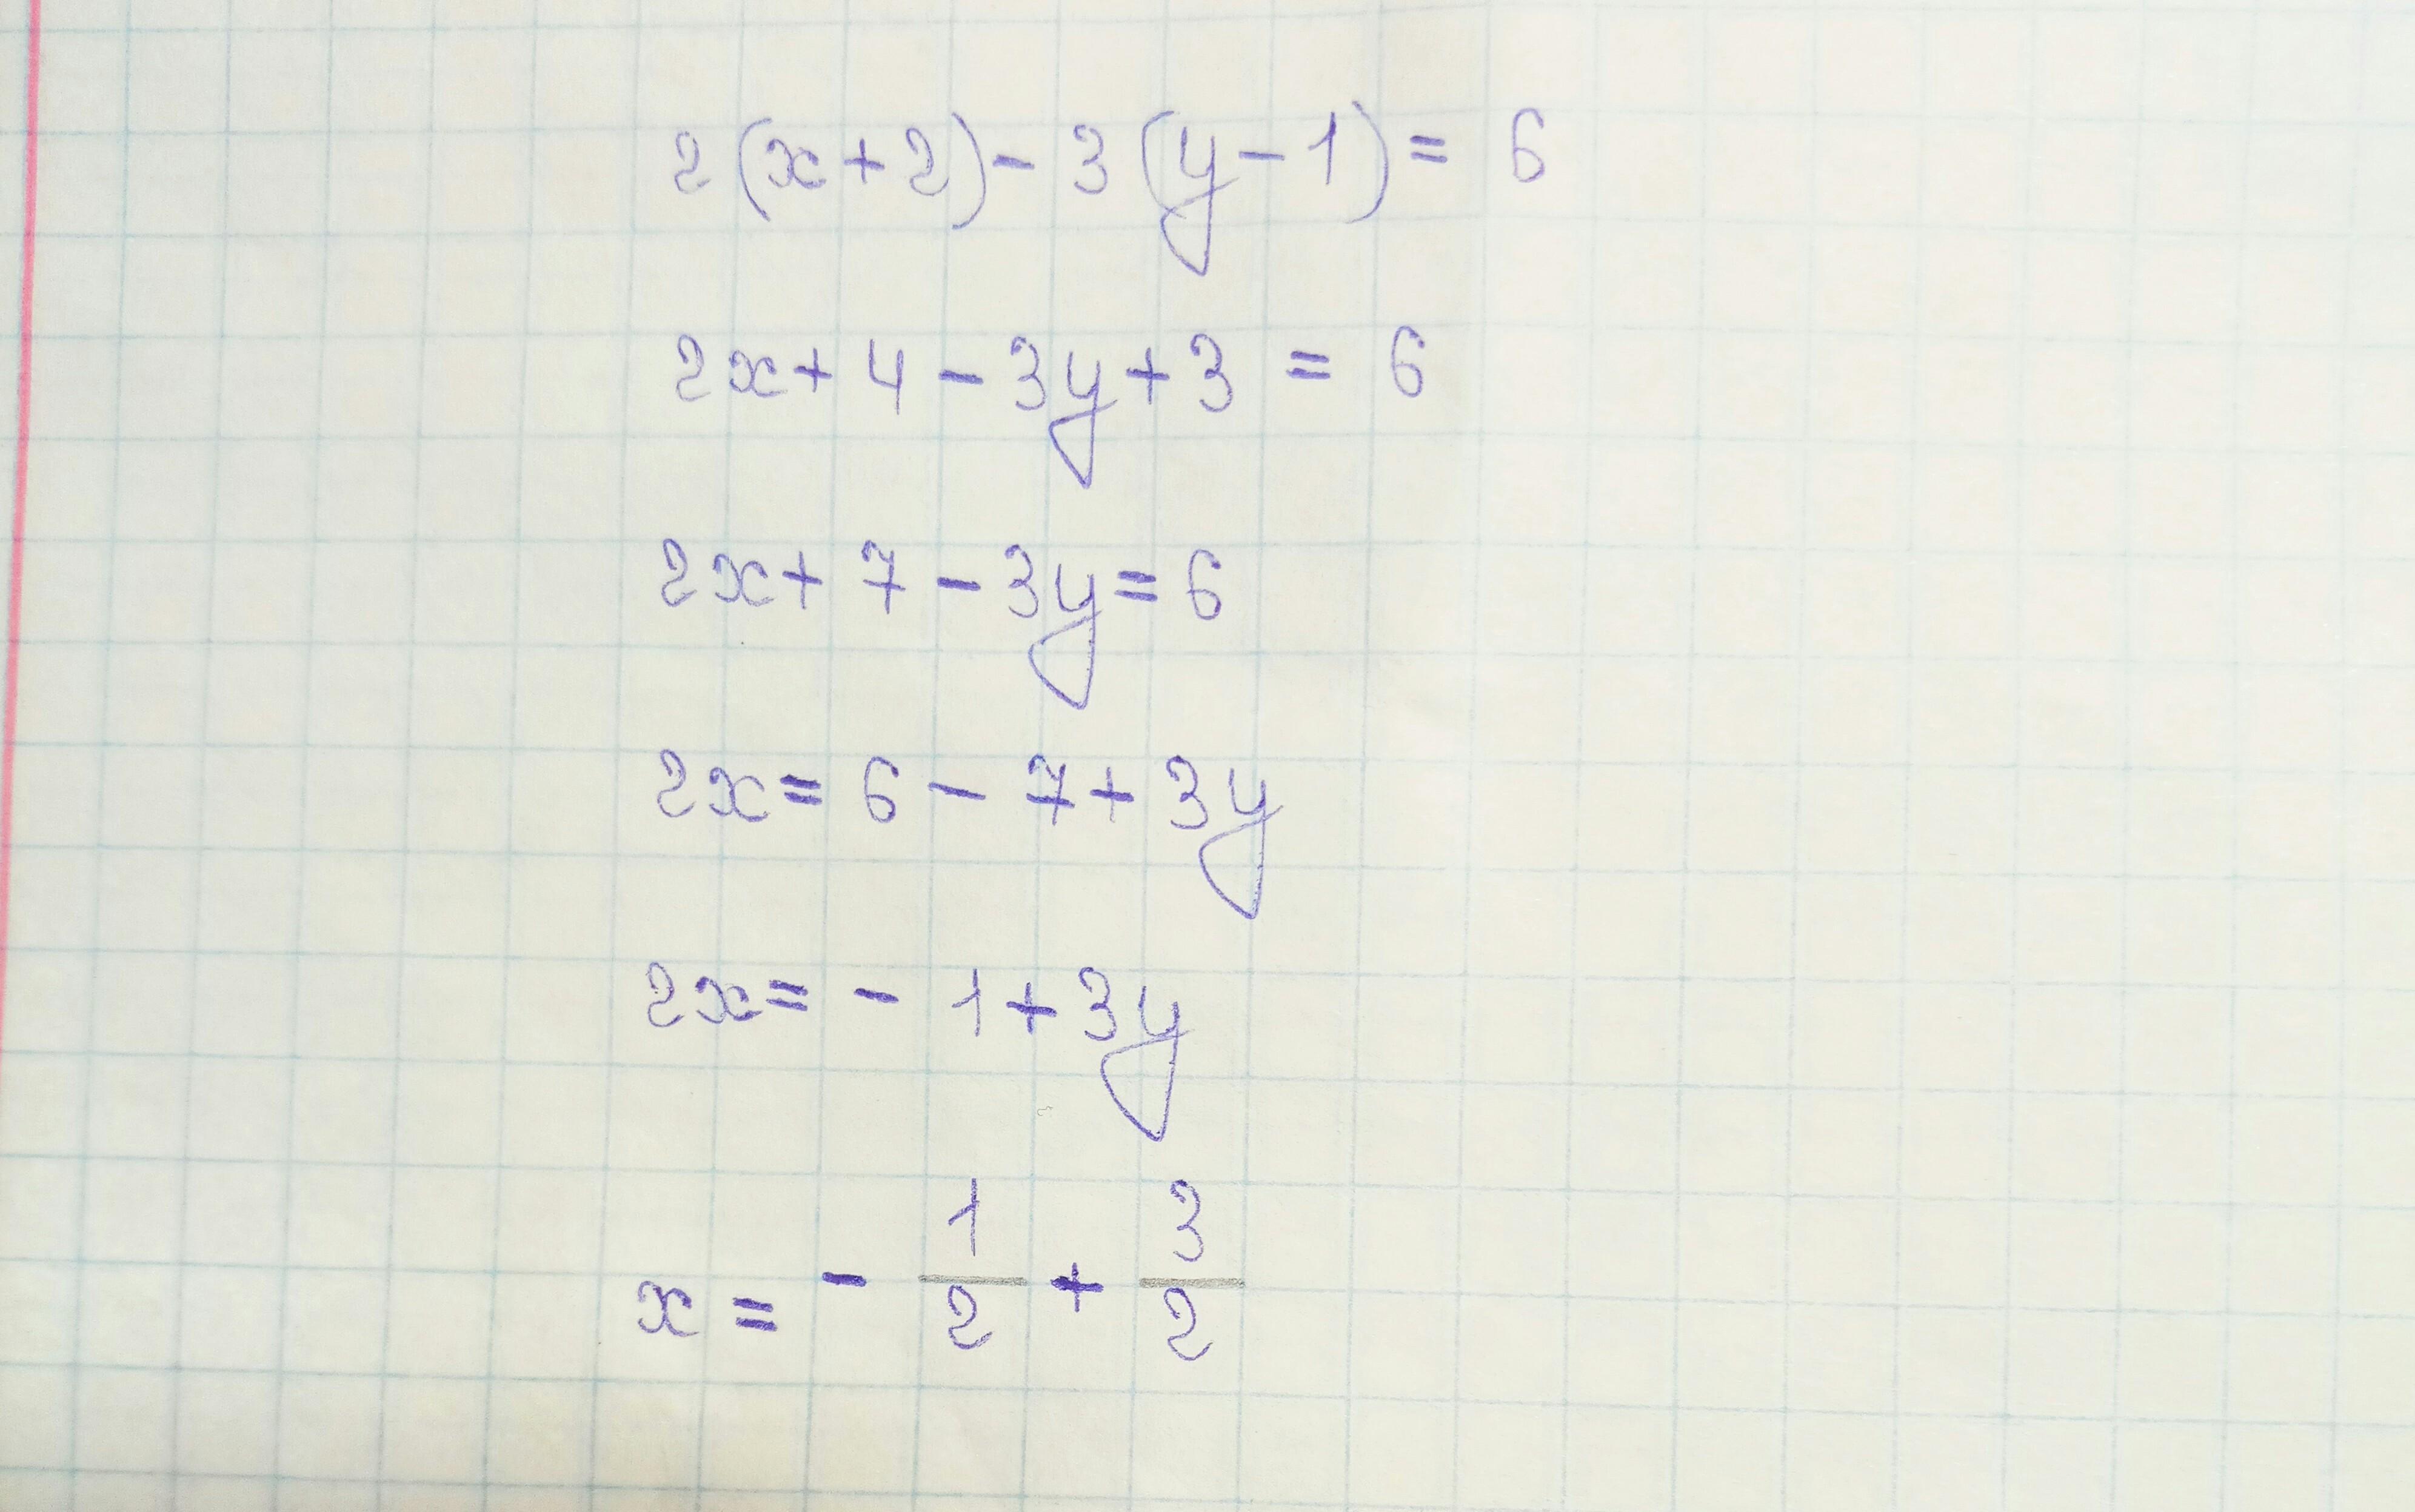 Помогите решить уравнение!!! 2•(x+2)-3•(y-1)=6